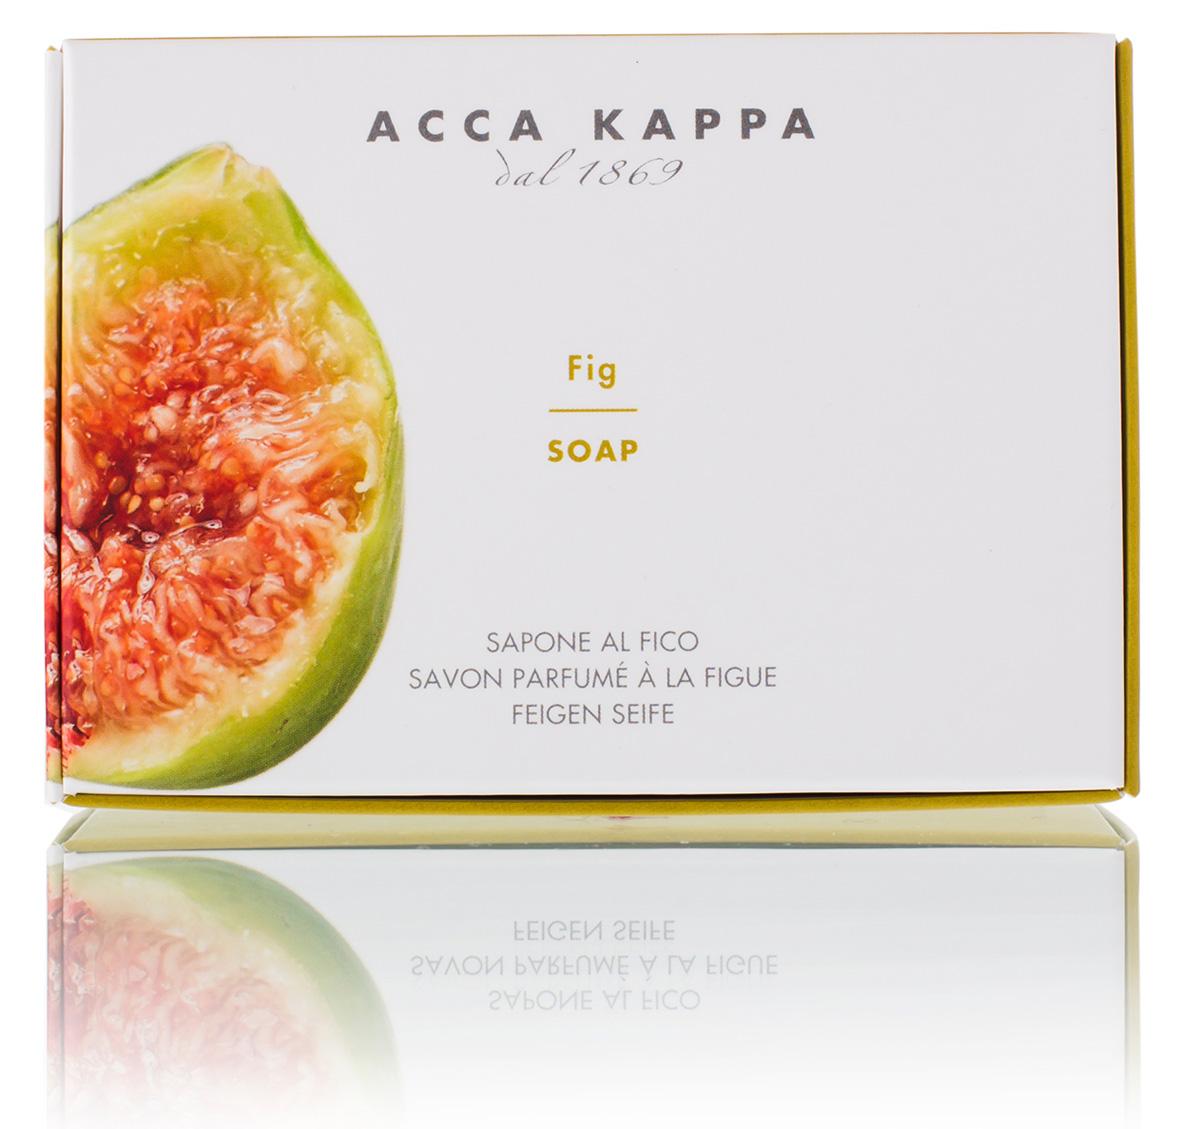 Acca Kappa Мыло туалетное Фига 150 гр853316Мыло создано с использованием традиционных методов из сырья исключительно растительного происхождения.